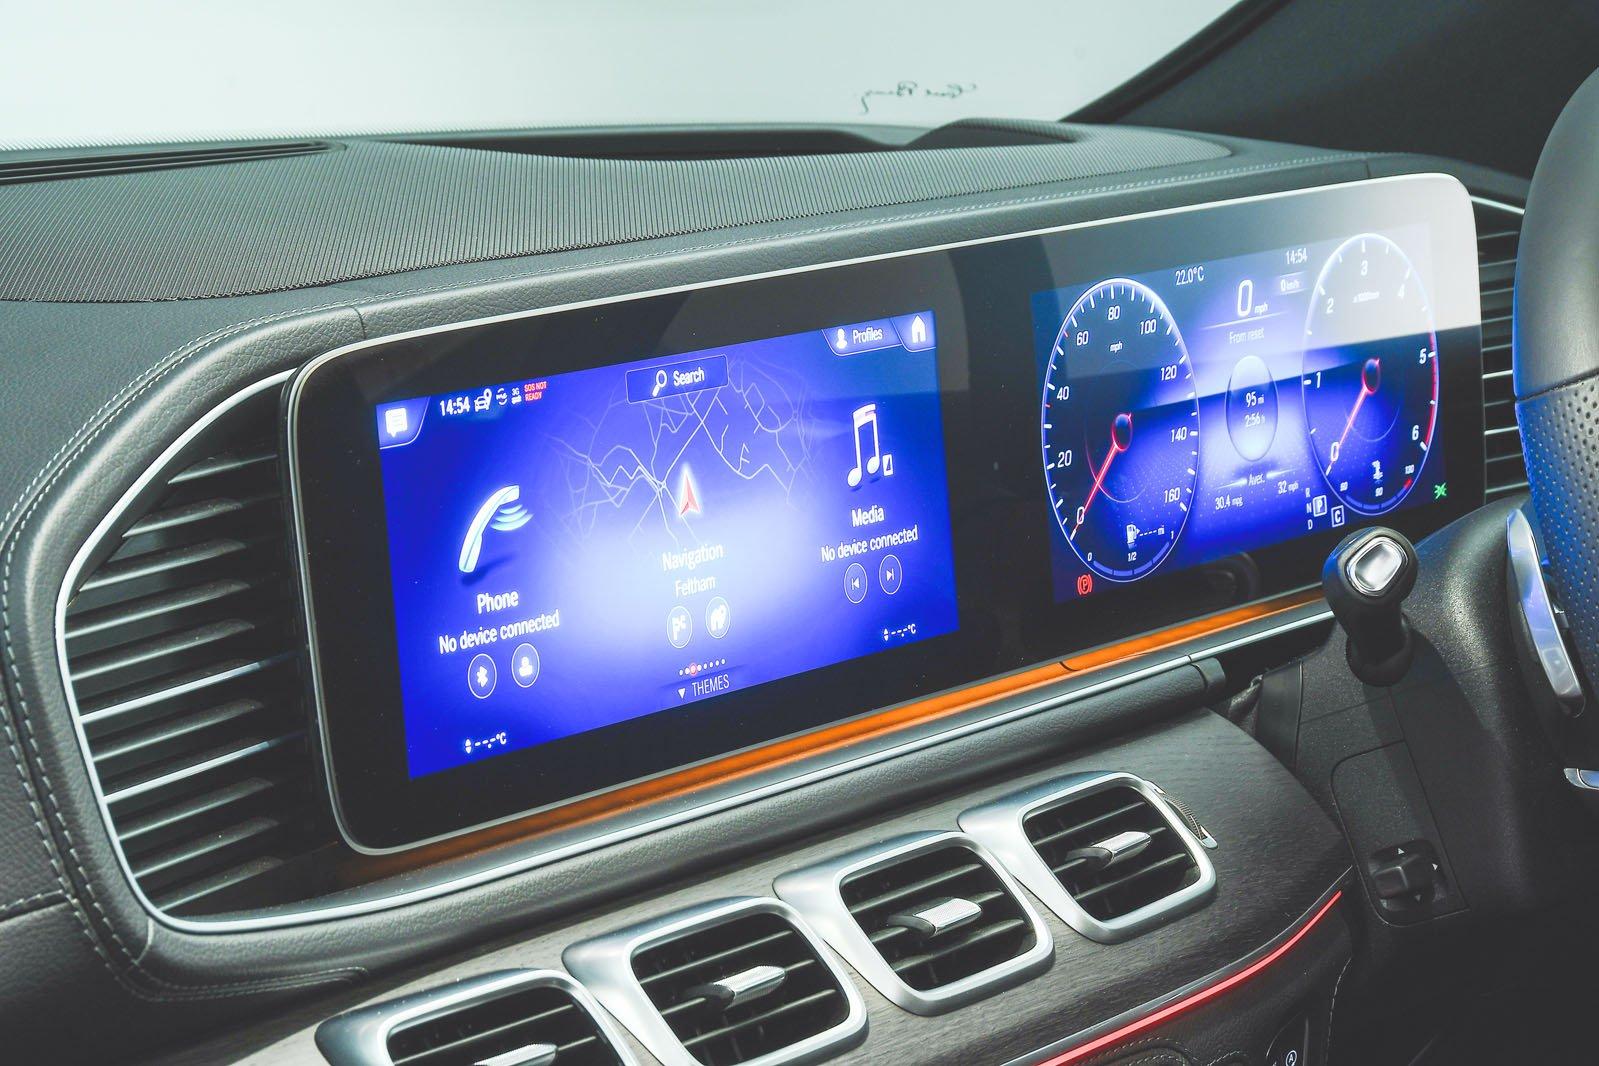 Mercedes-Benz GLE infotainment